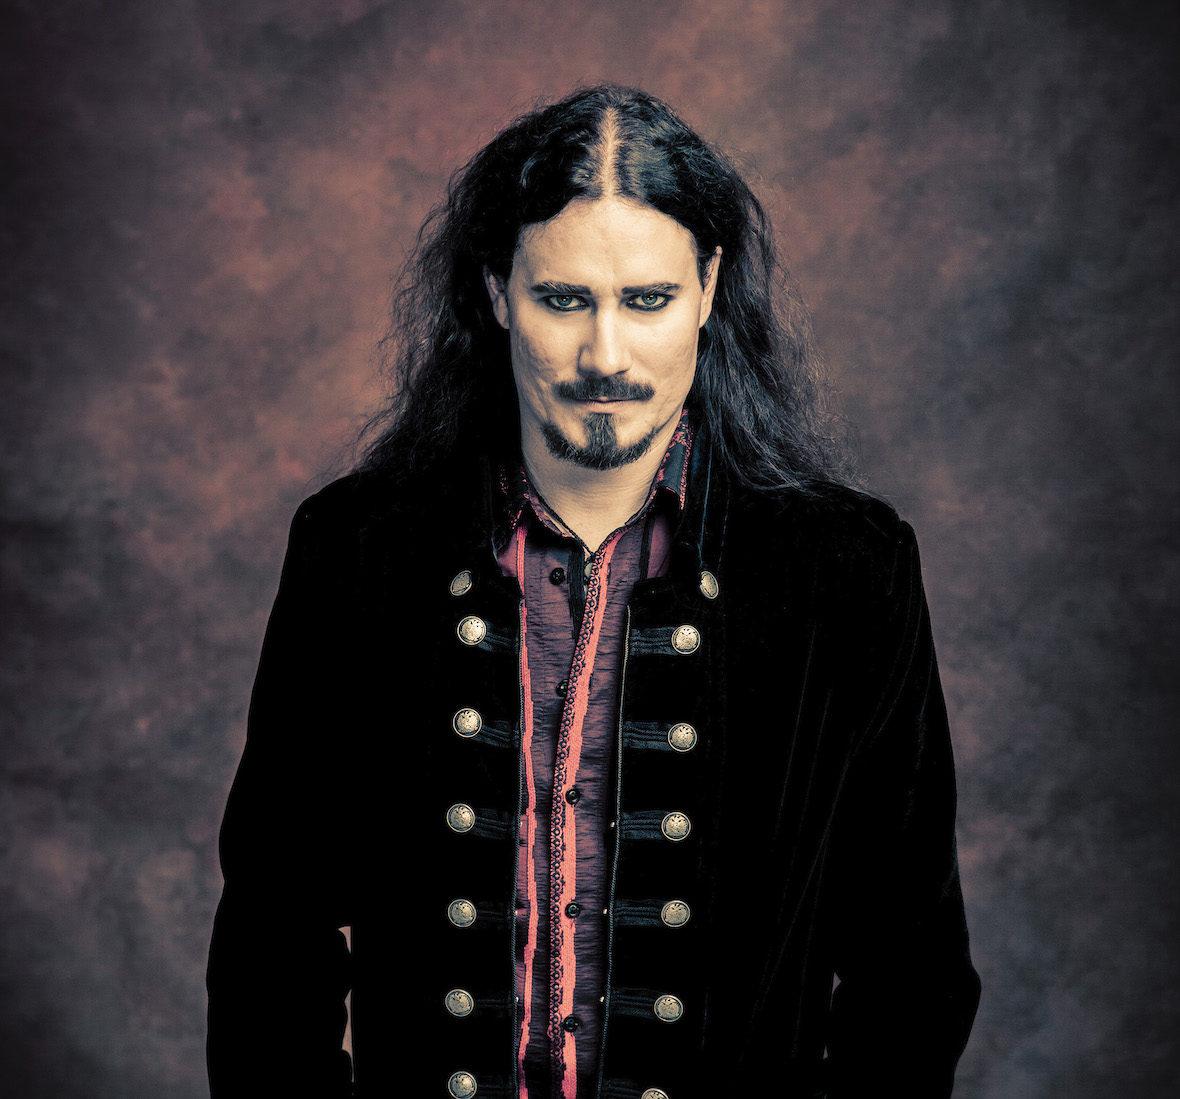 My Helsinki_Tuomas Holopainen